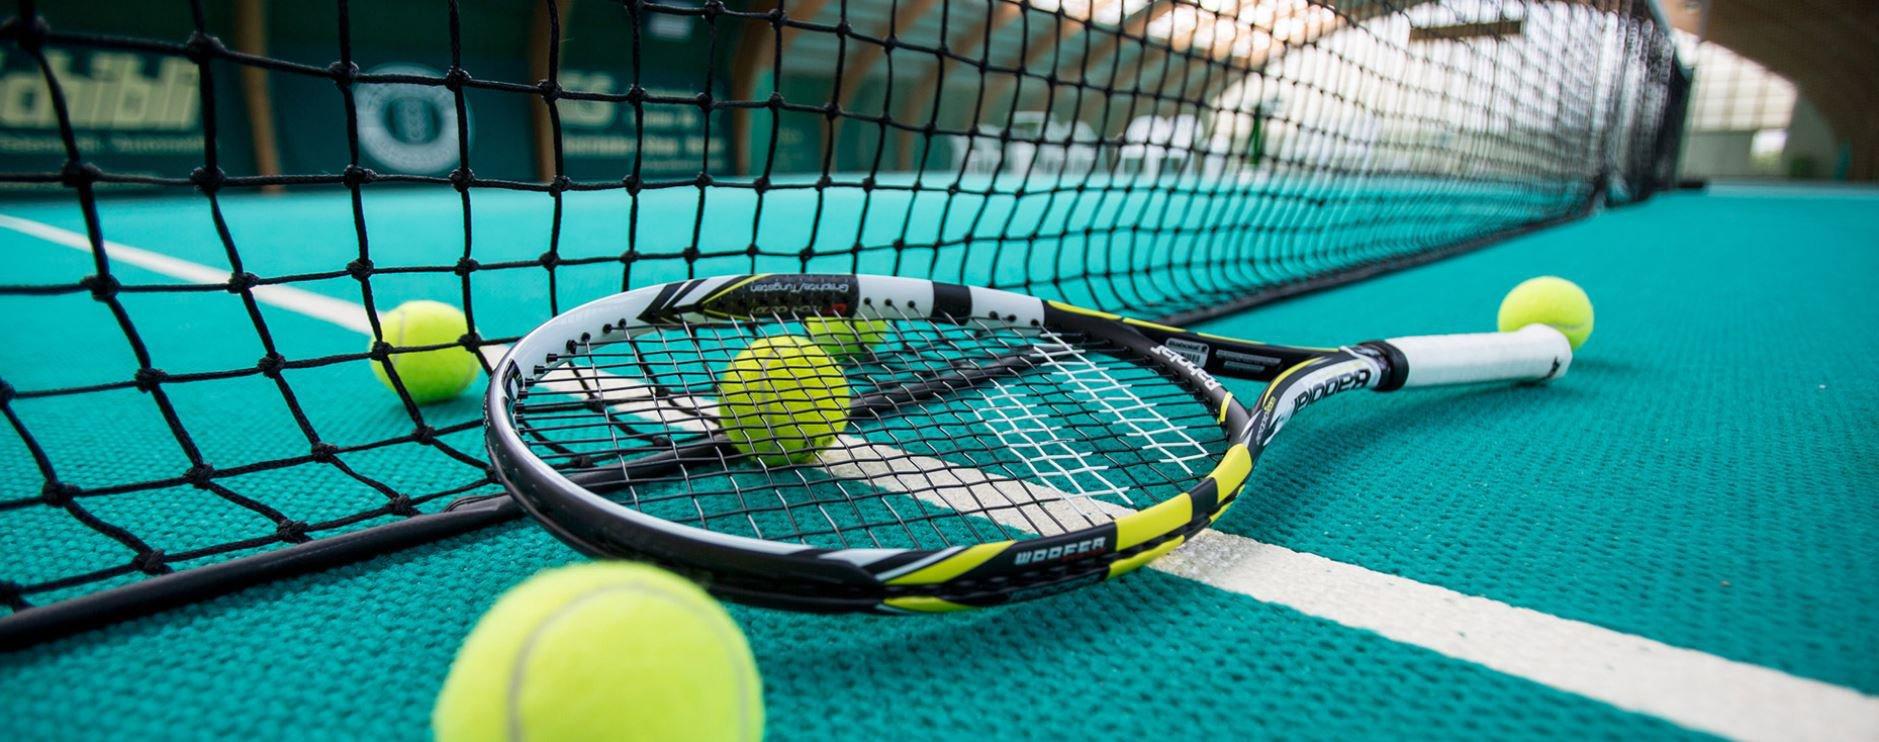 Tennis-Squash Fällanden